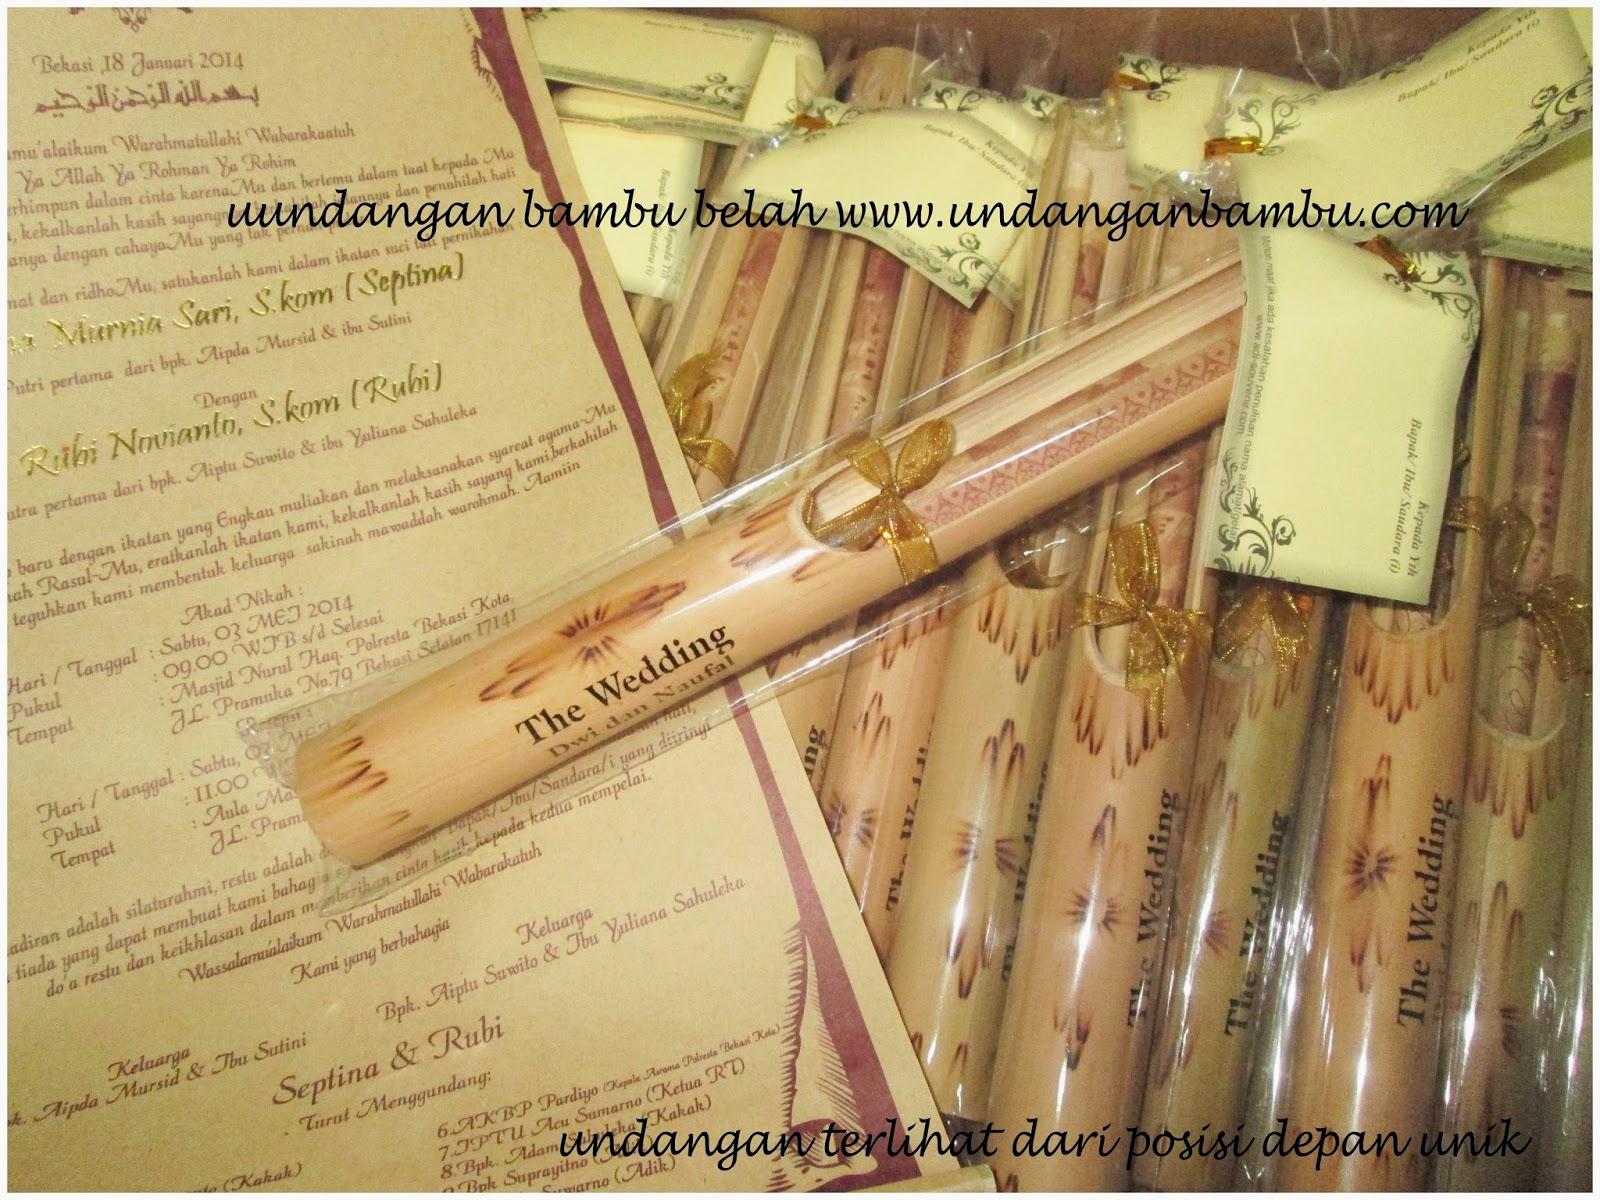 undangan bambu belah